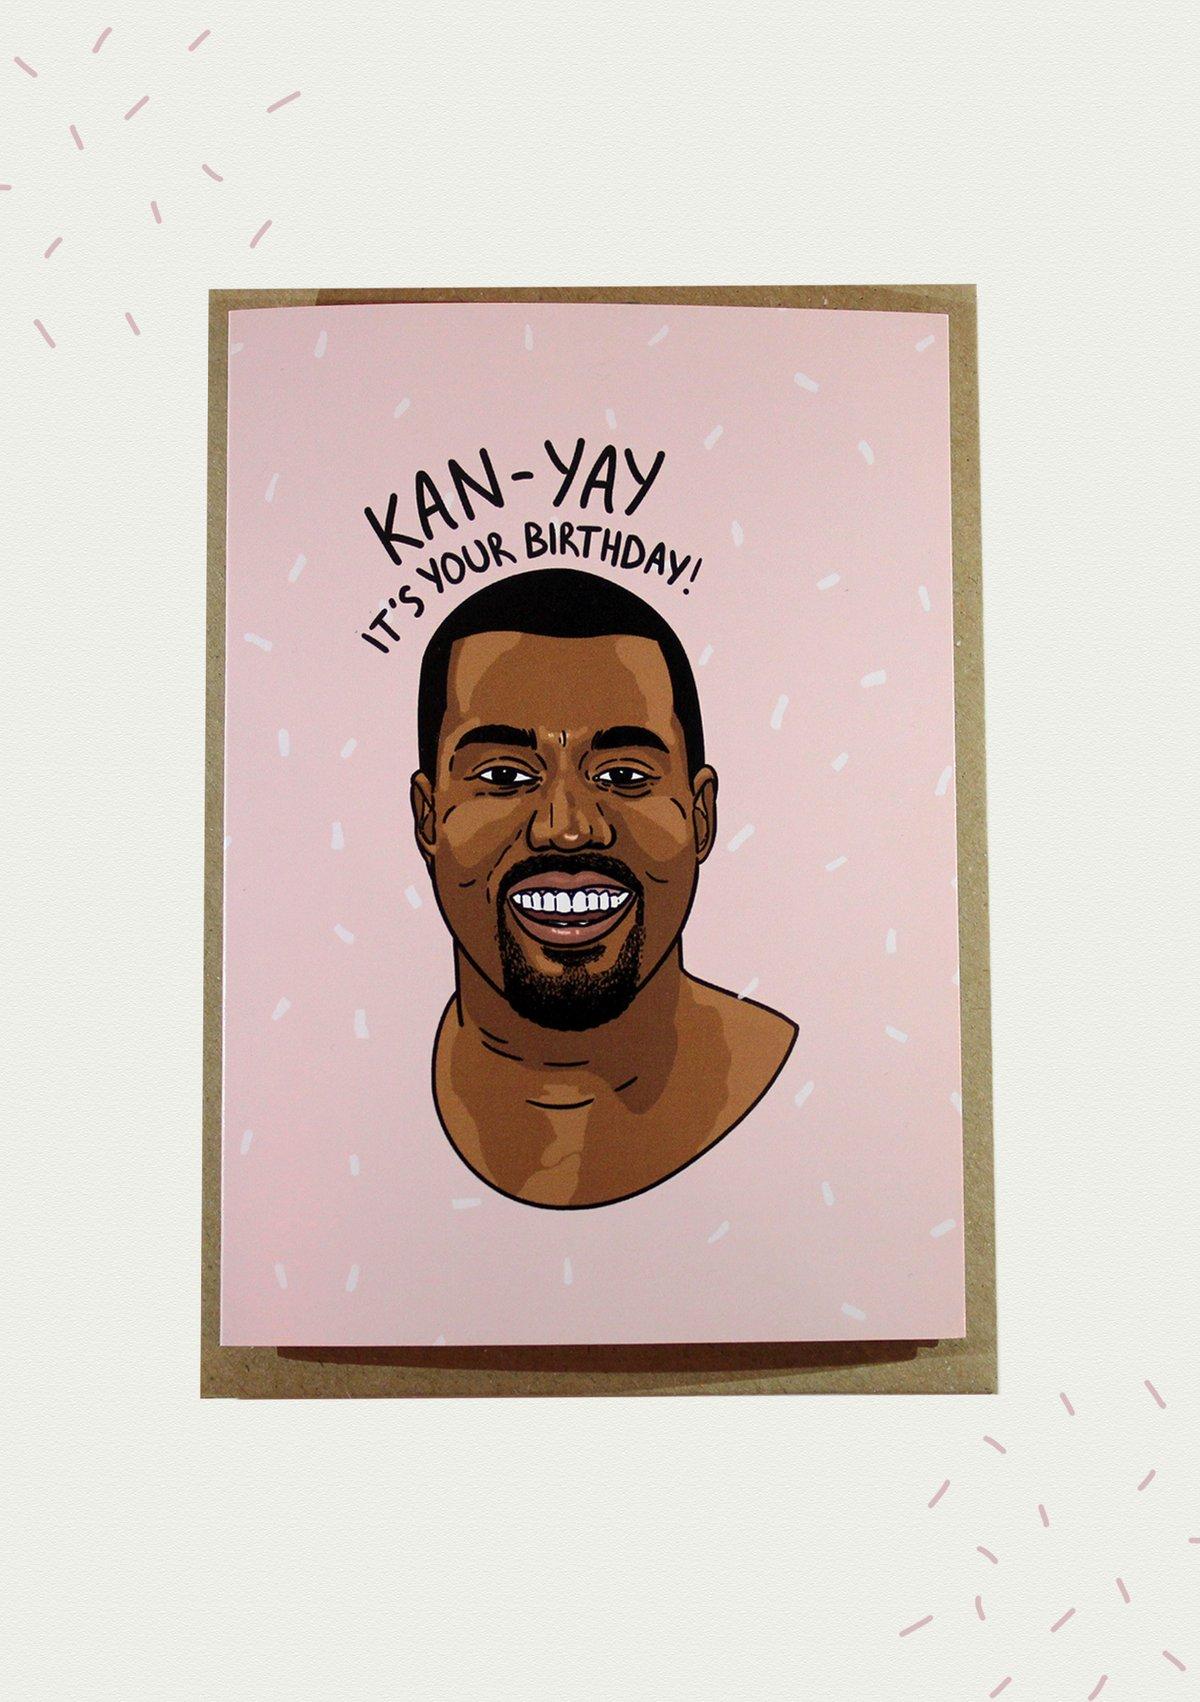 Image of Kan-yay